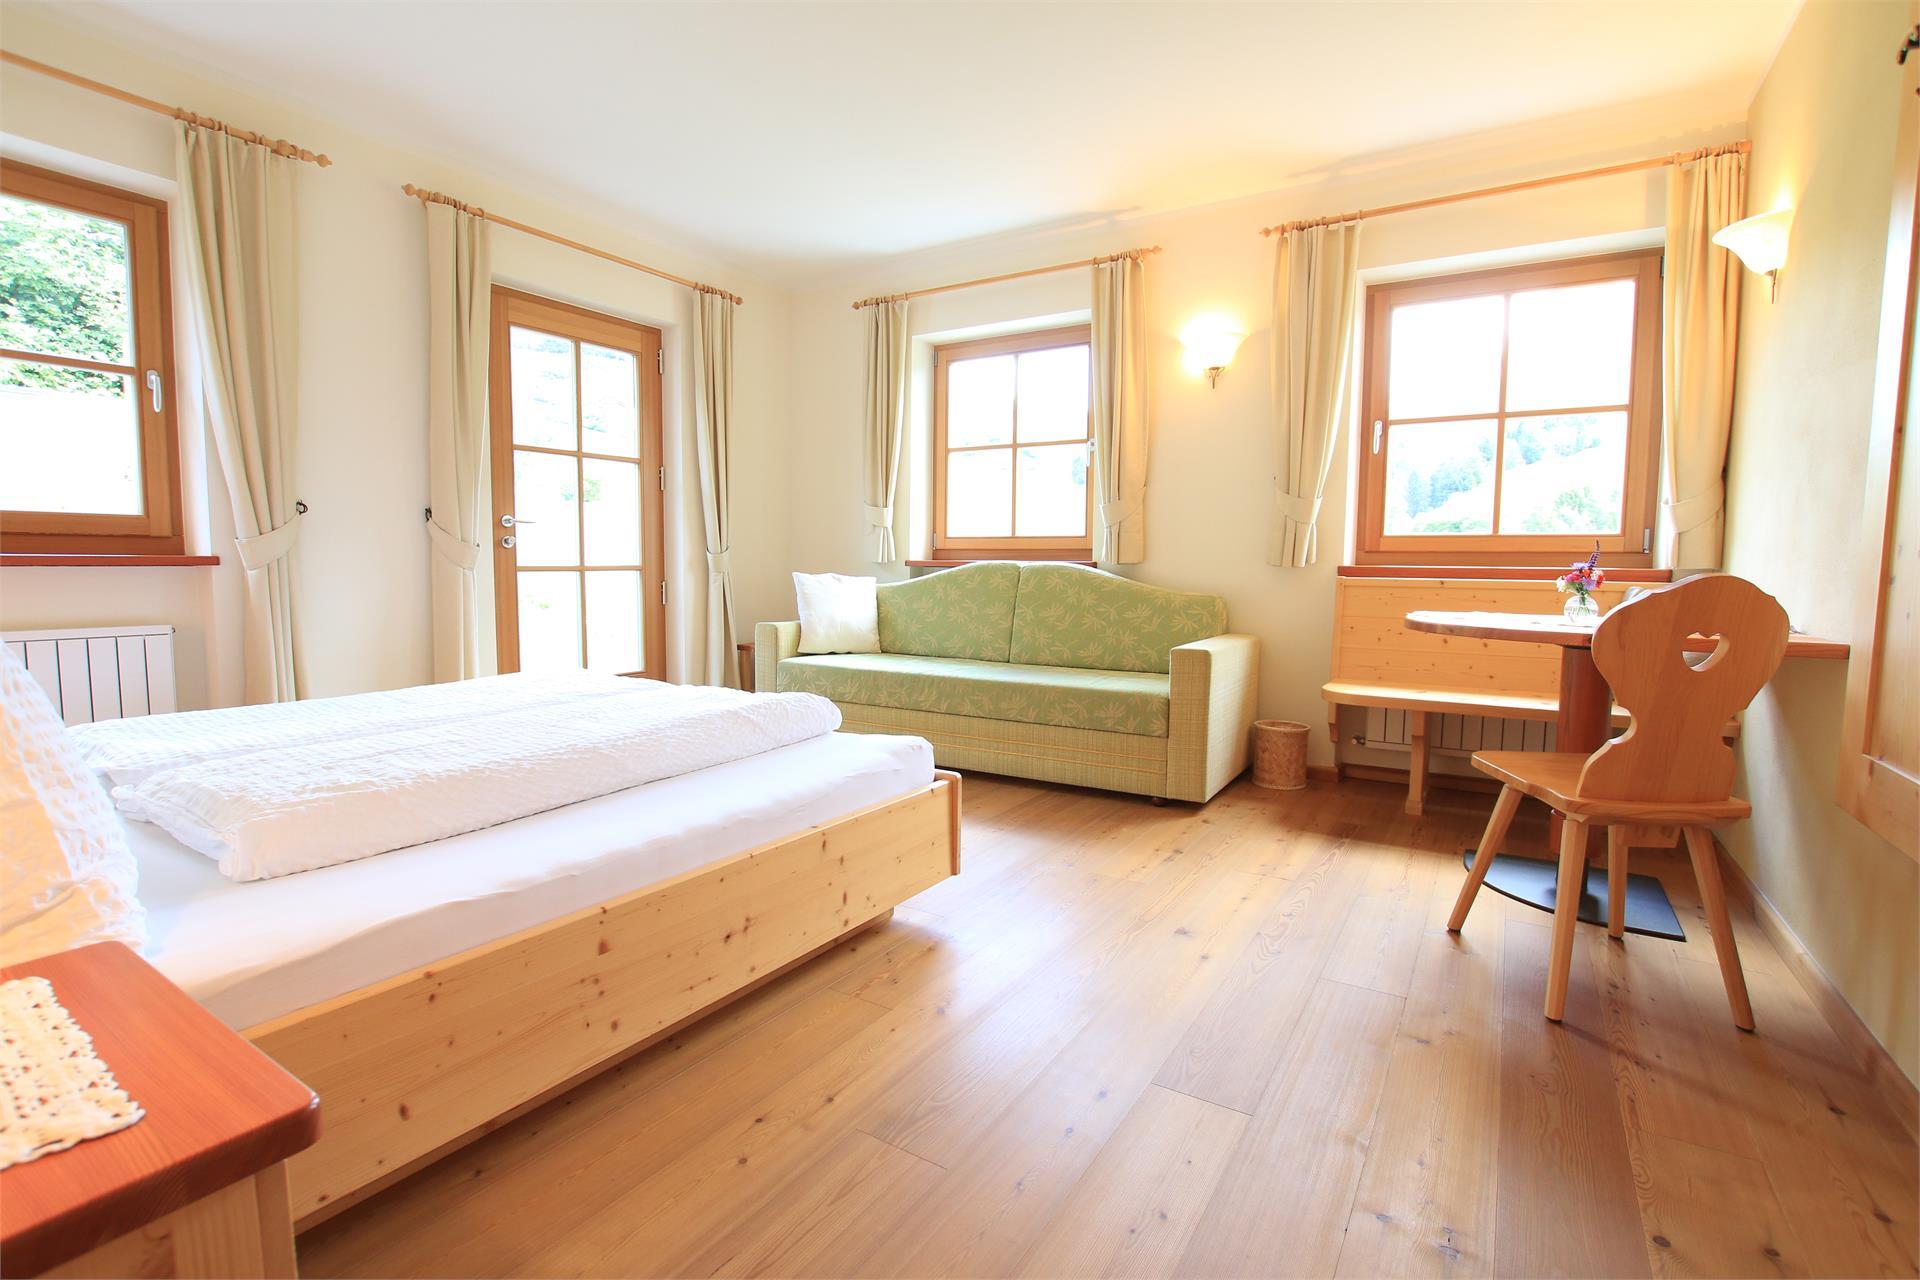 Doppelzimmer mit Massivholzmöbeln und Holzboden sowie Blick nach Süden